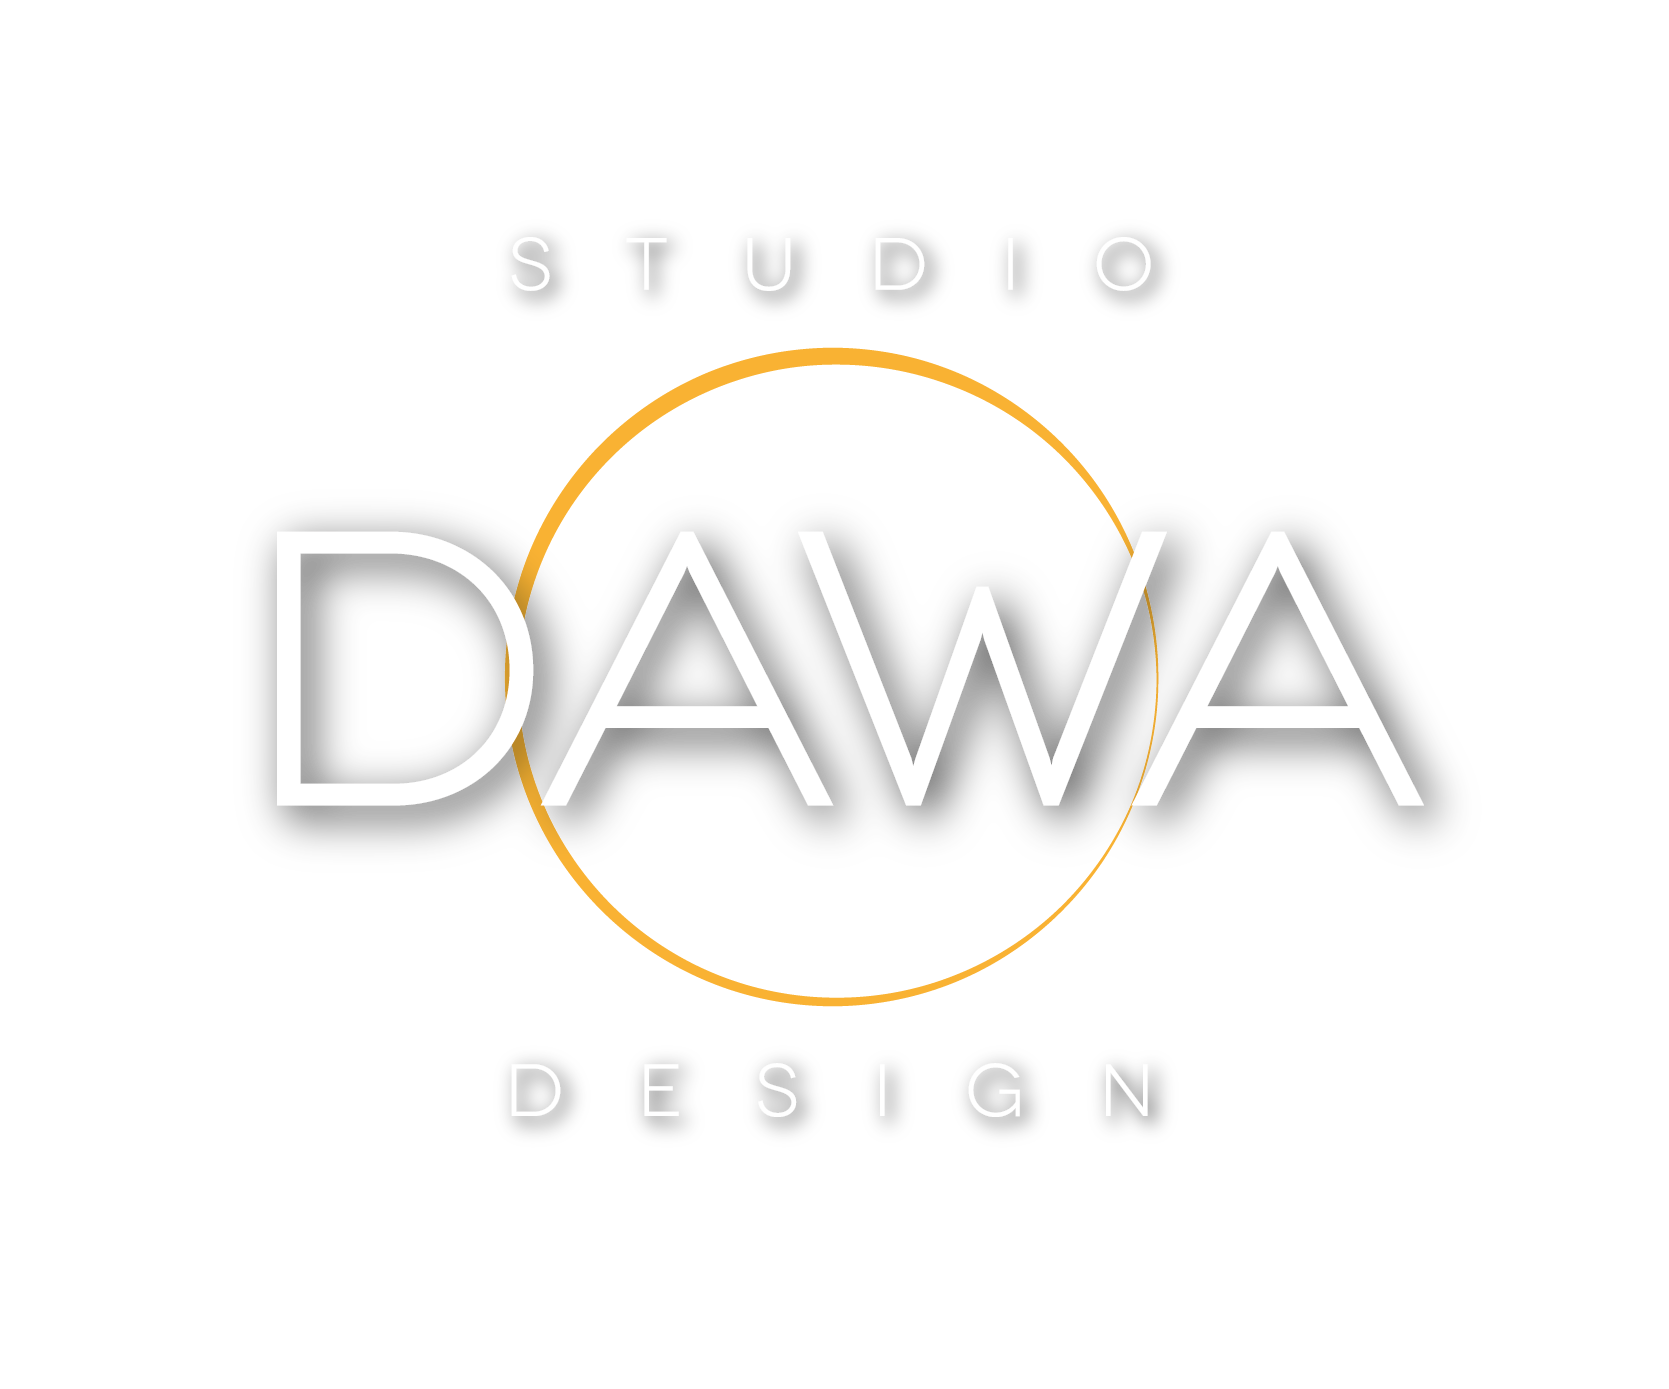 Dawa_logo_vt-02